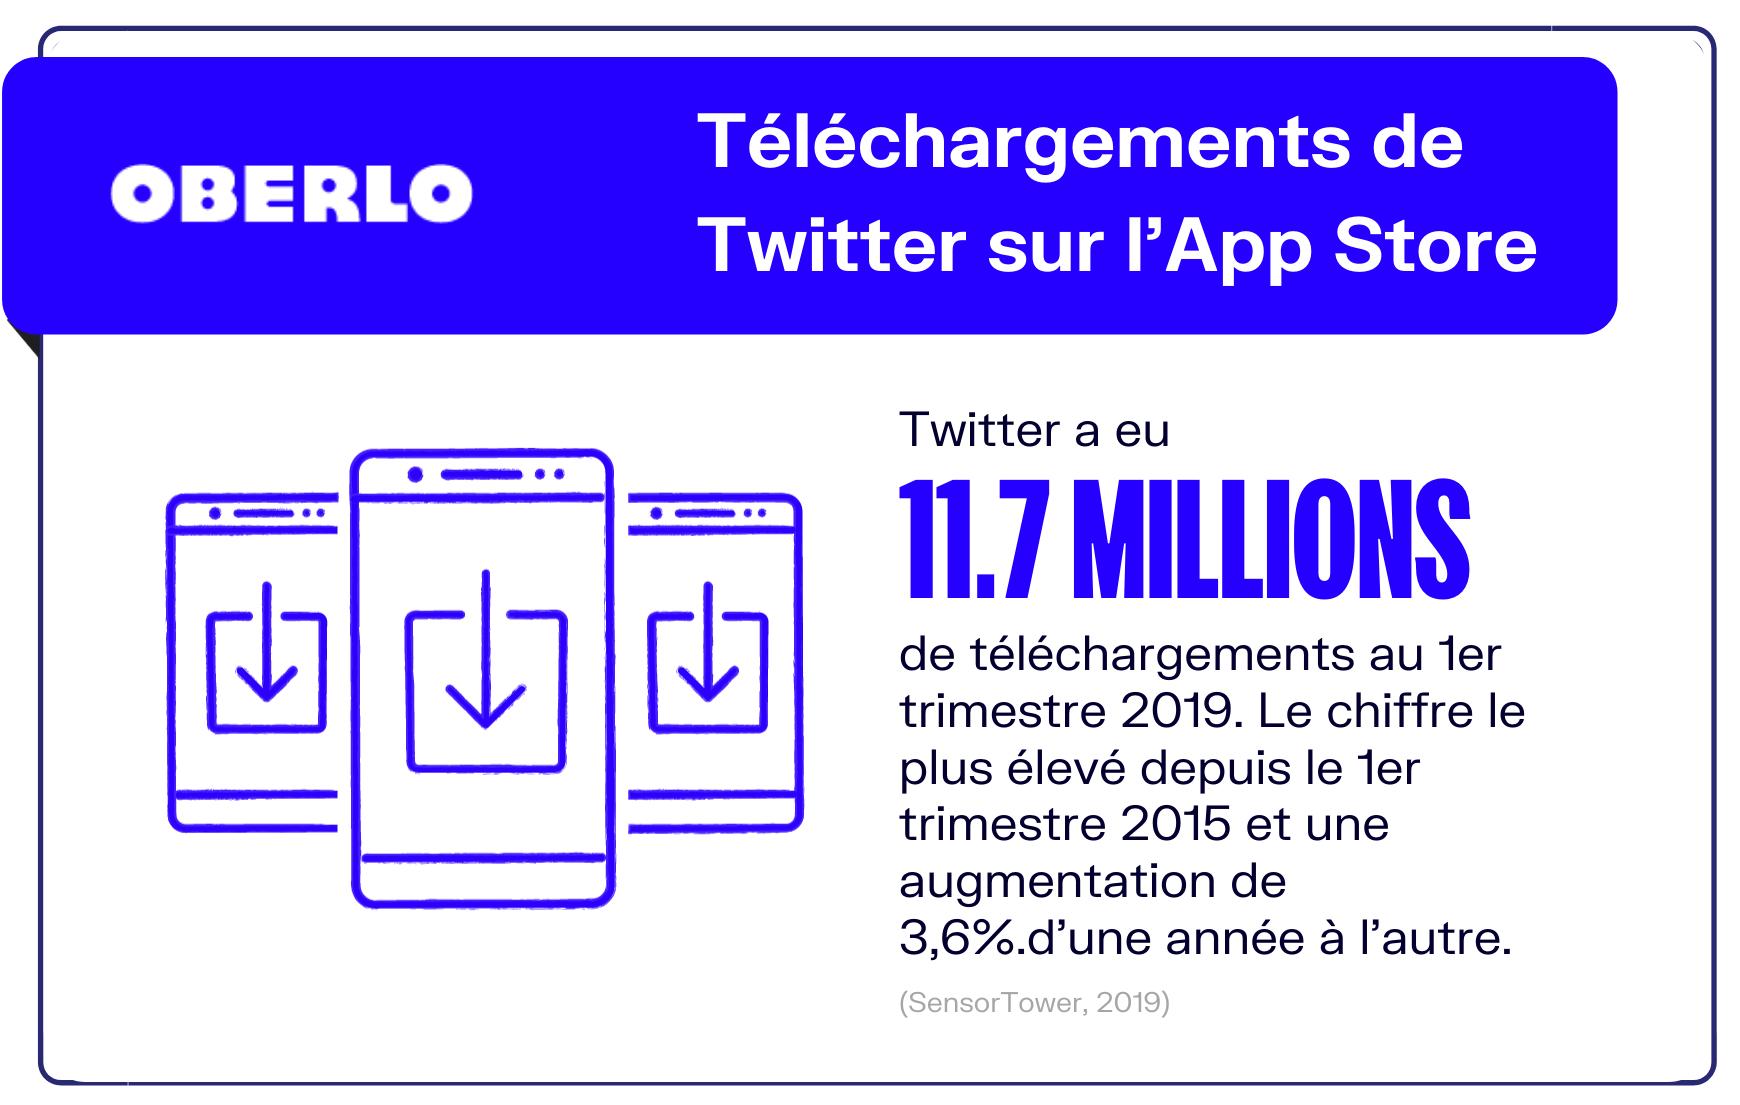 Téléchargements Twitter Apple Store